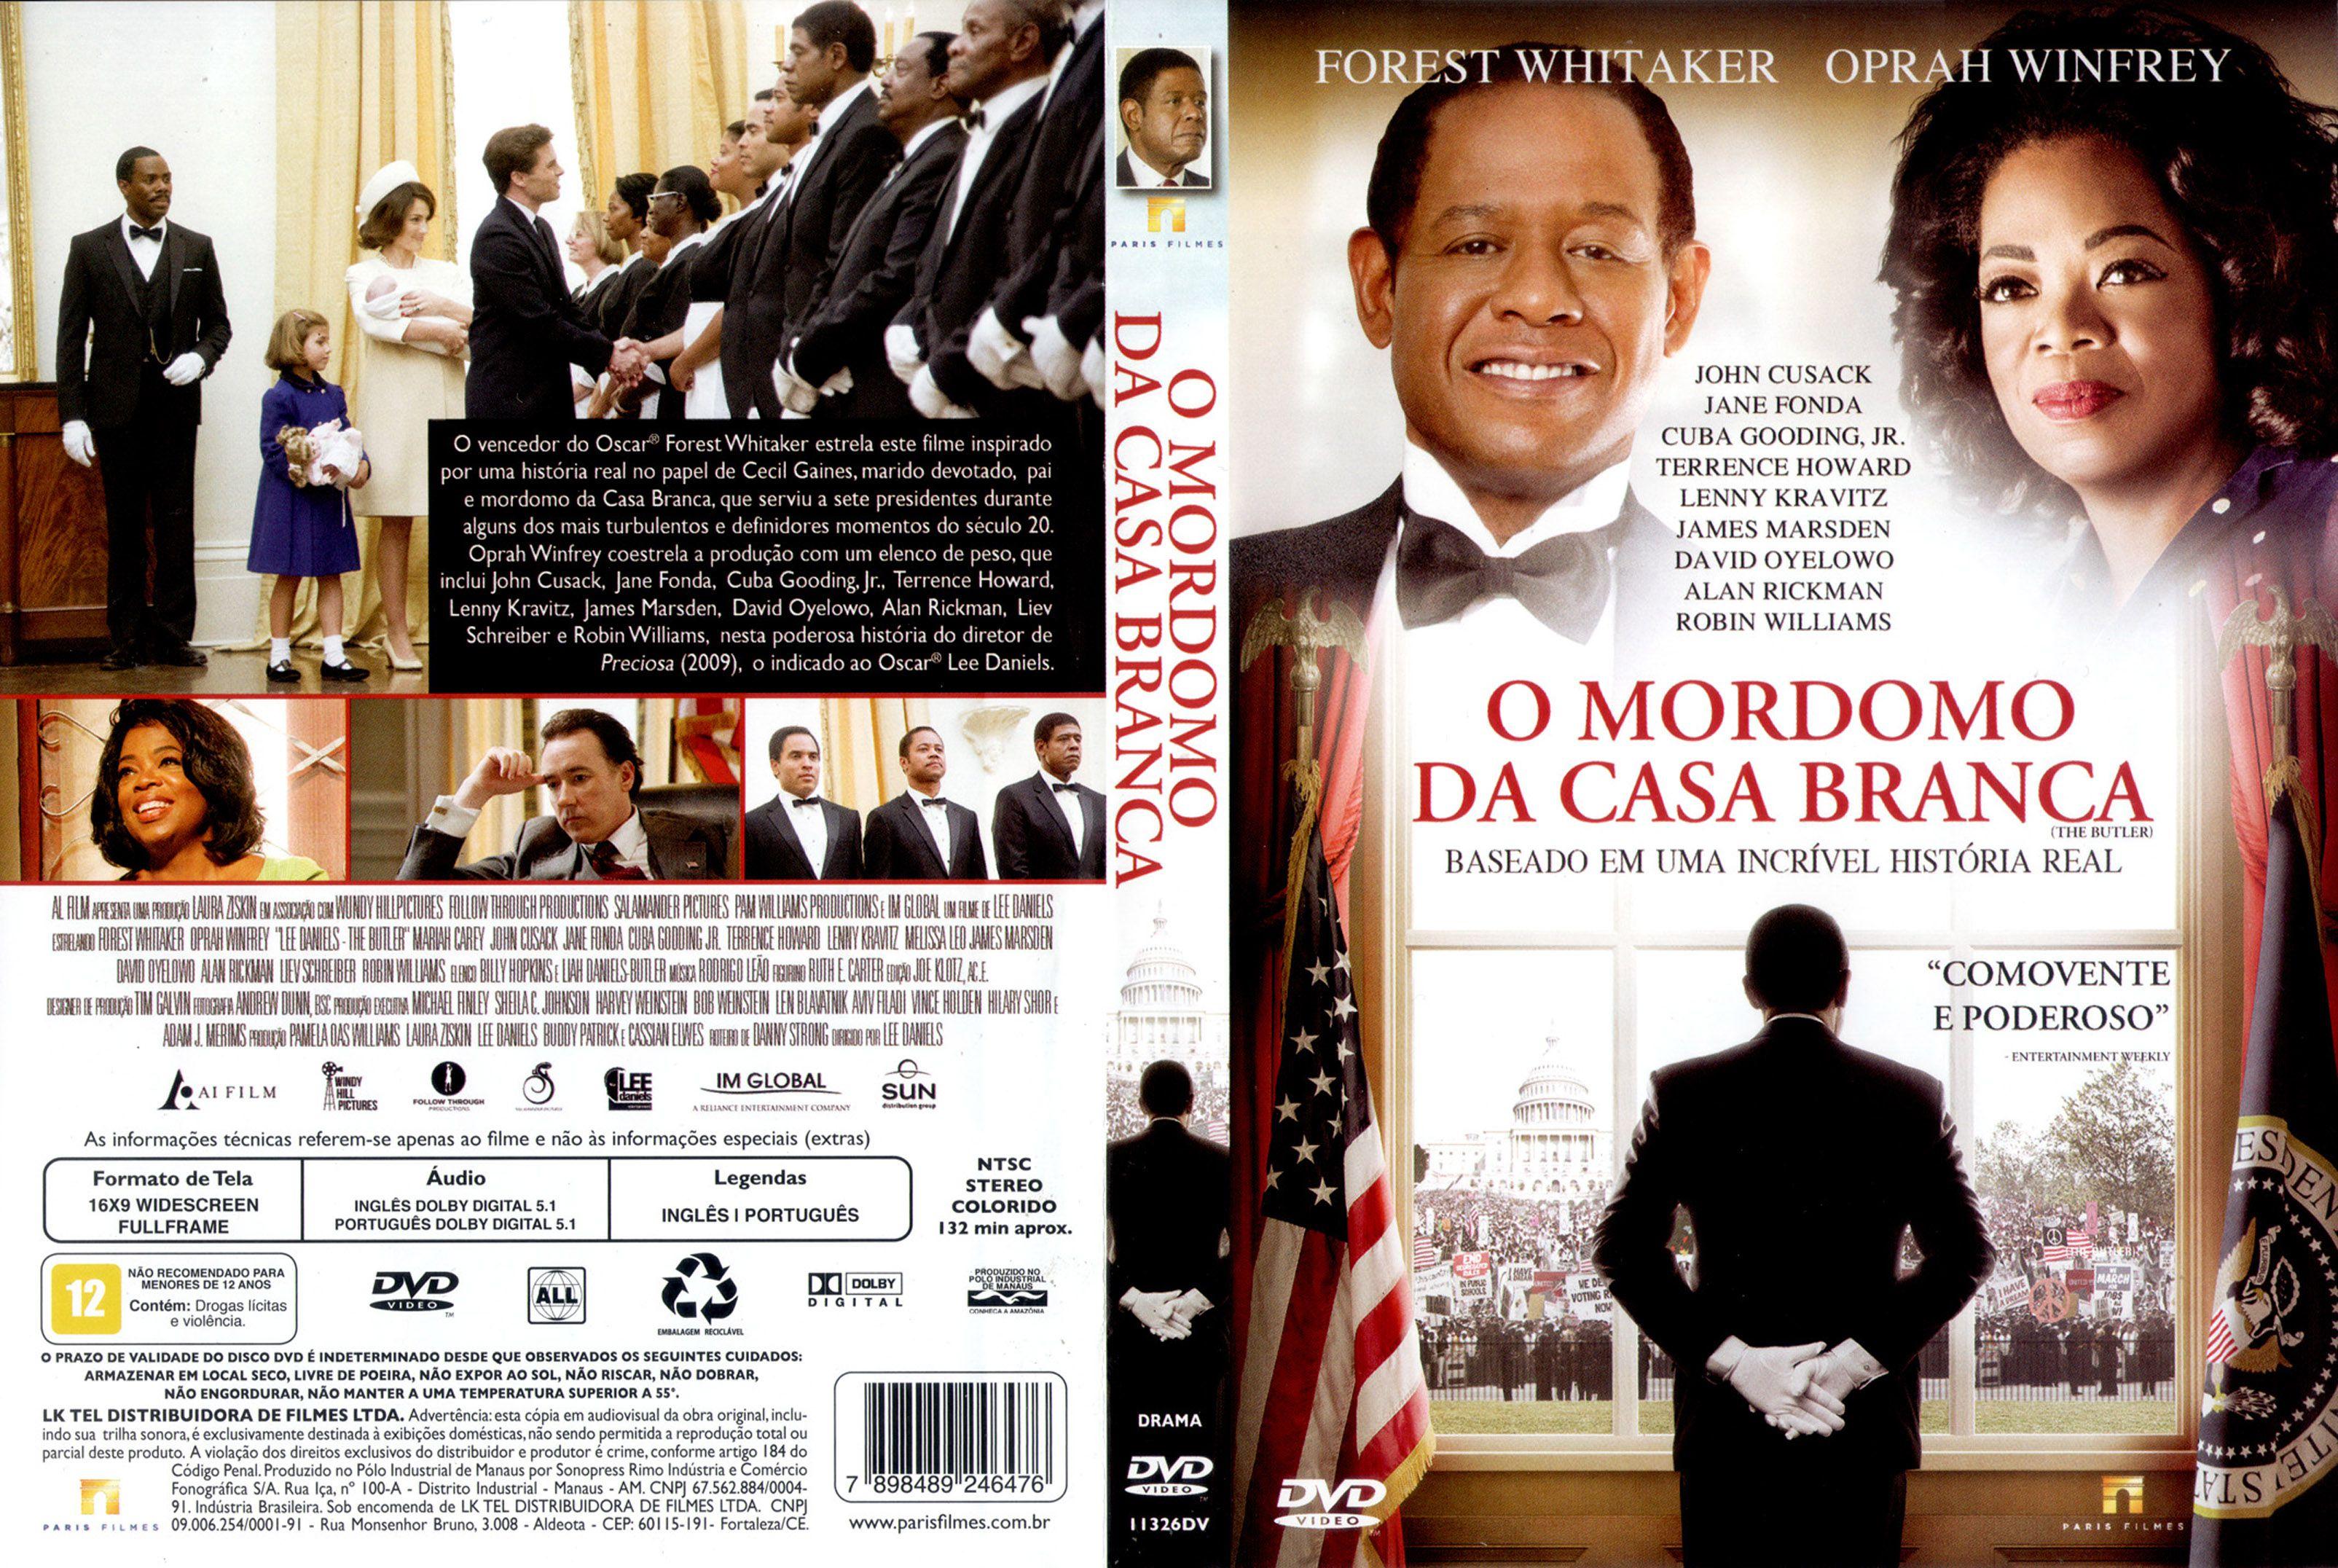 Capa DVD O Mordomo Da Casa Branca